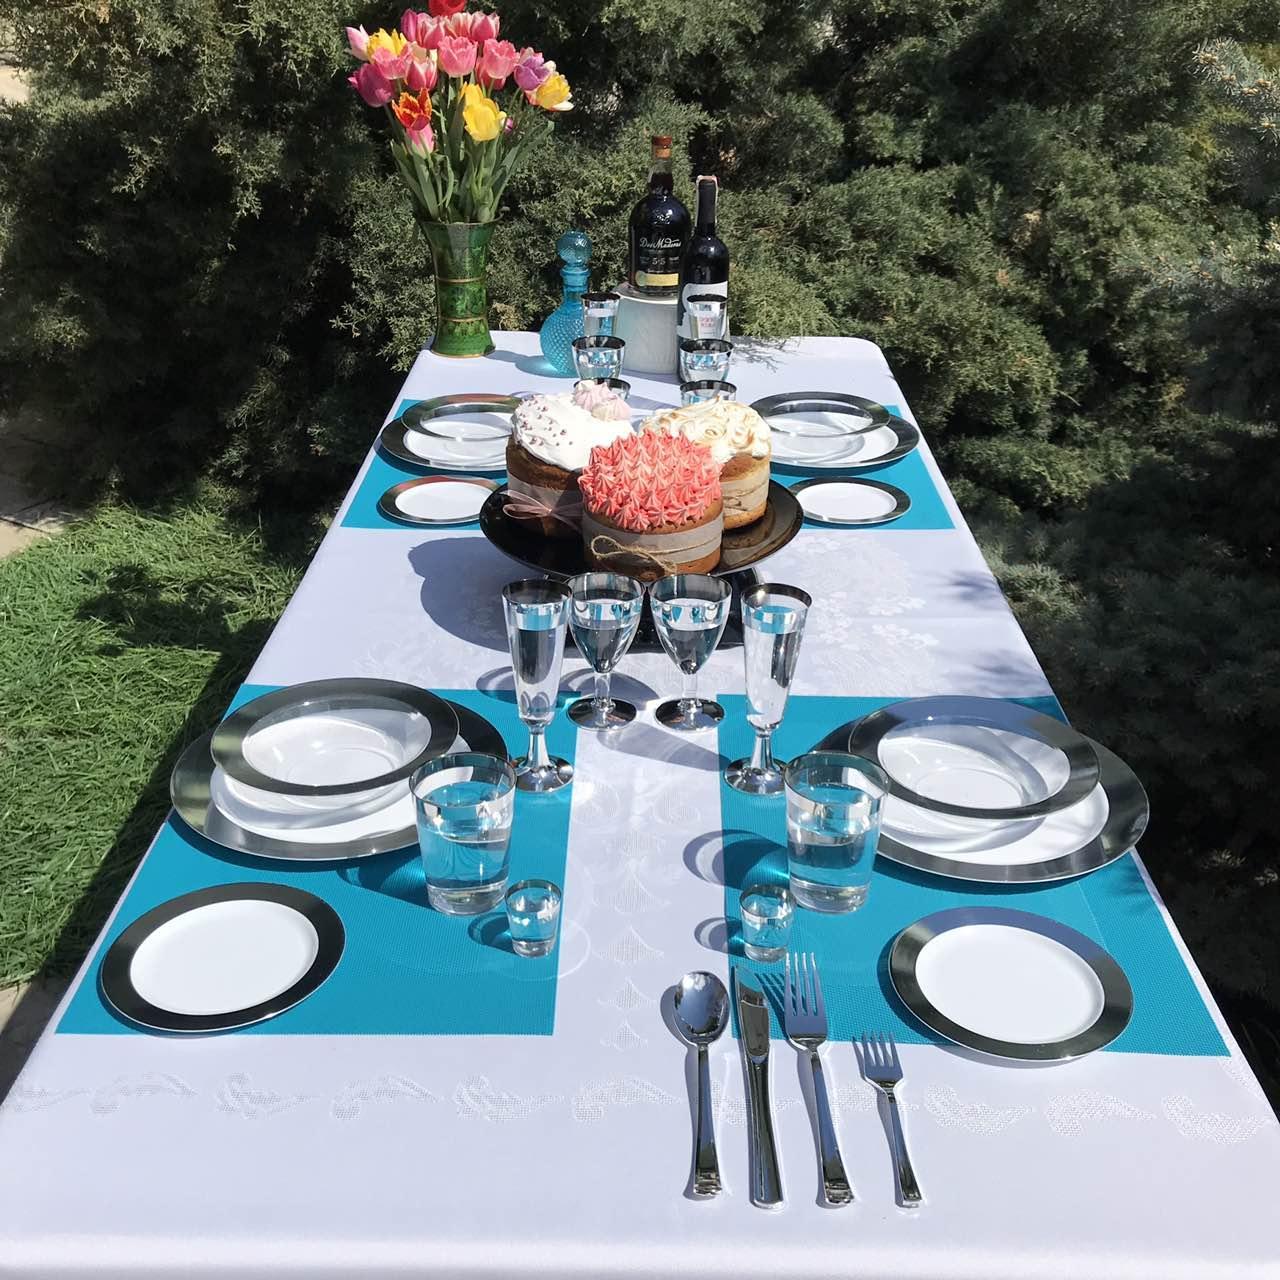 Одноразовая посуда многоразового использования Набор посуды Полная сервировка стола CFP 116шт/6пер